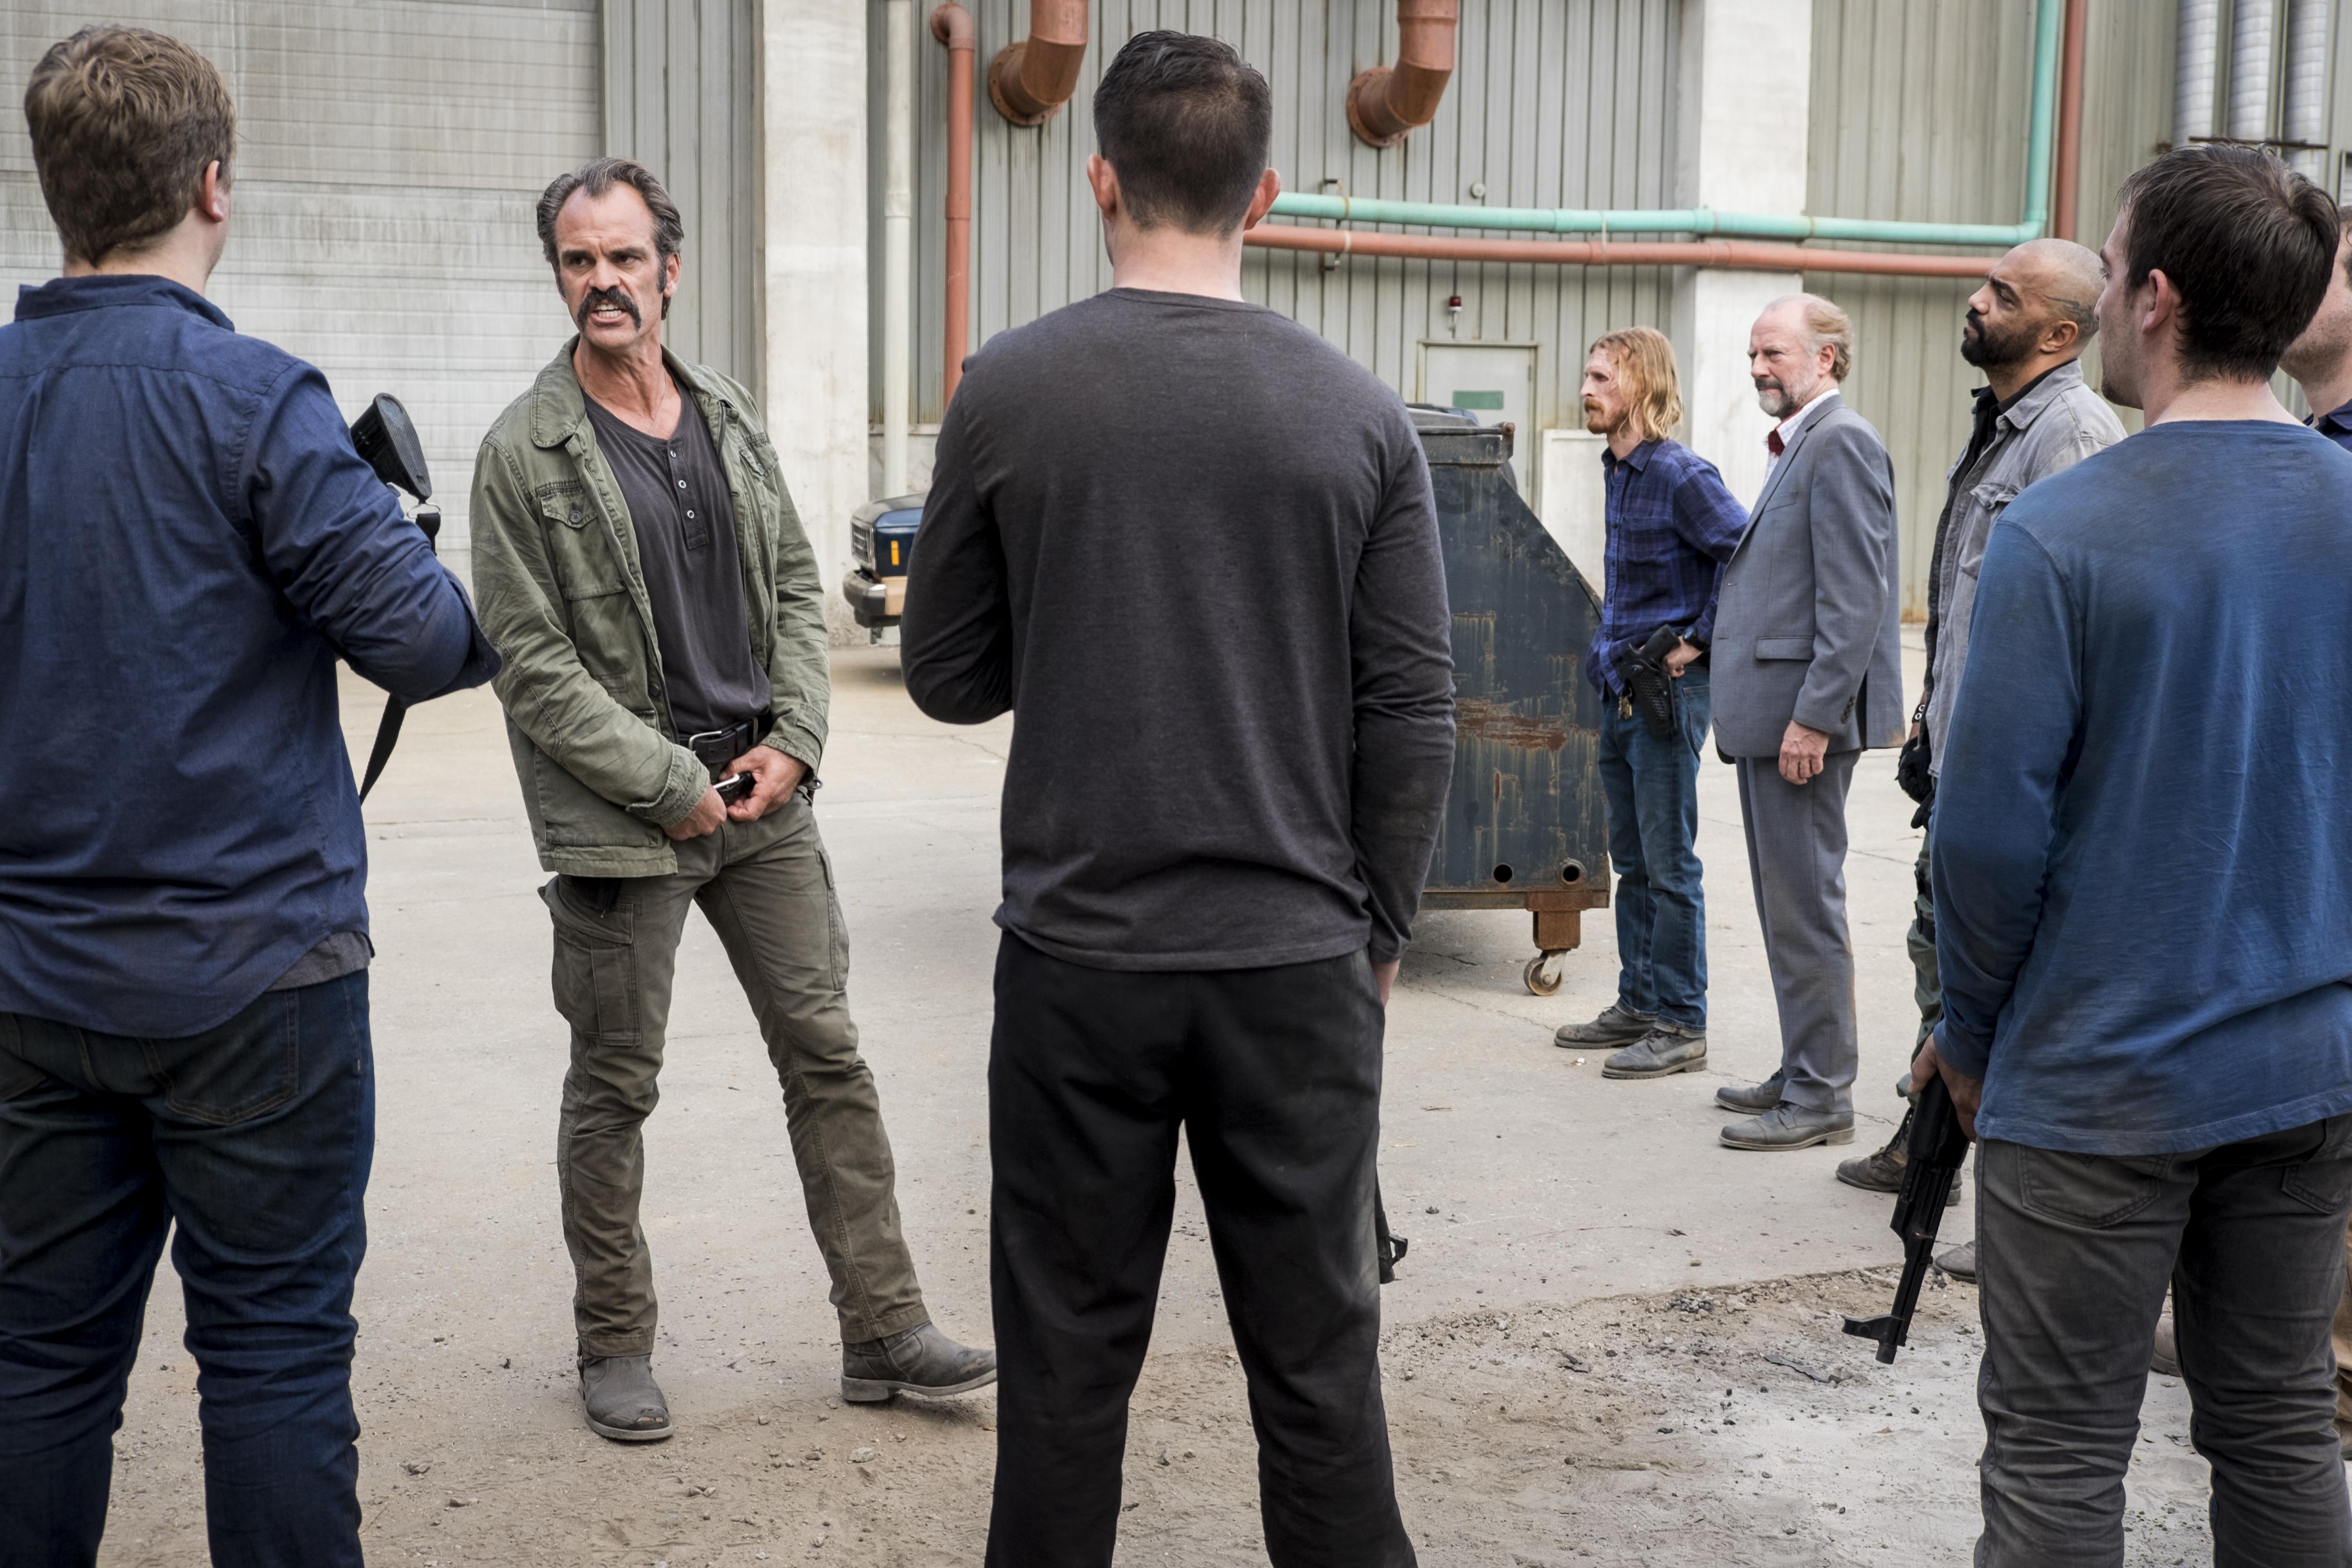 Les rebelles se rencontrent sous le leadership de Simon (Steven Ogg), Dwight (Austin Amelio), et Gregory (Xander Berkeley) - The Walking Dead - Saison 8, Épisode 15 - Crédit photo : Gene Page/AMC